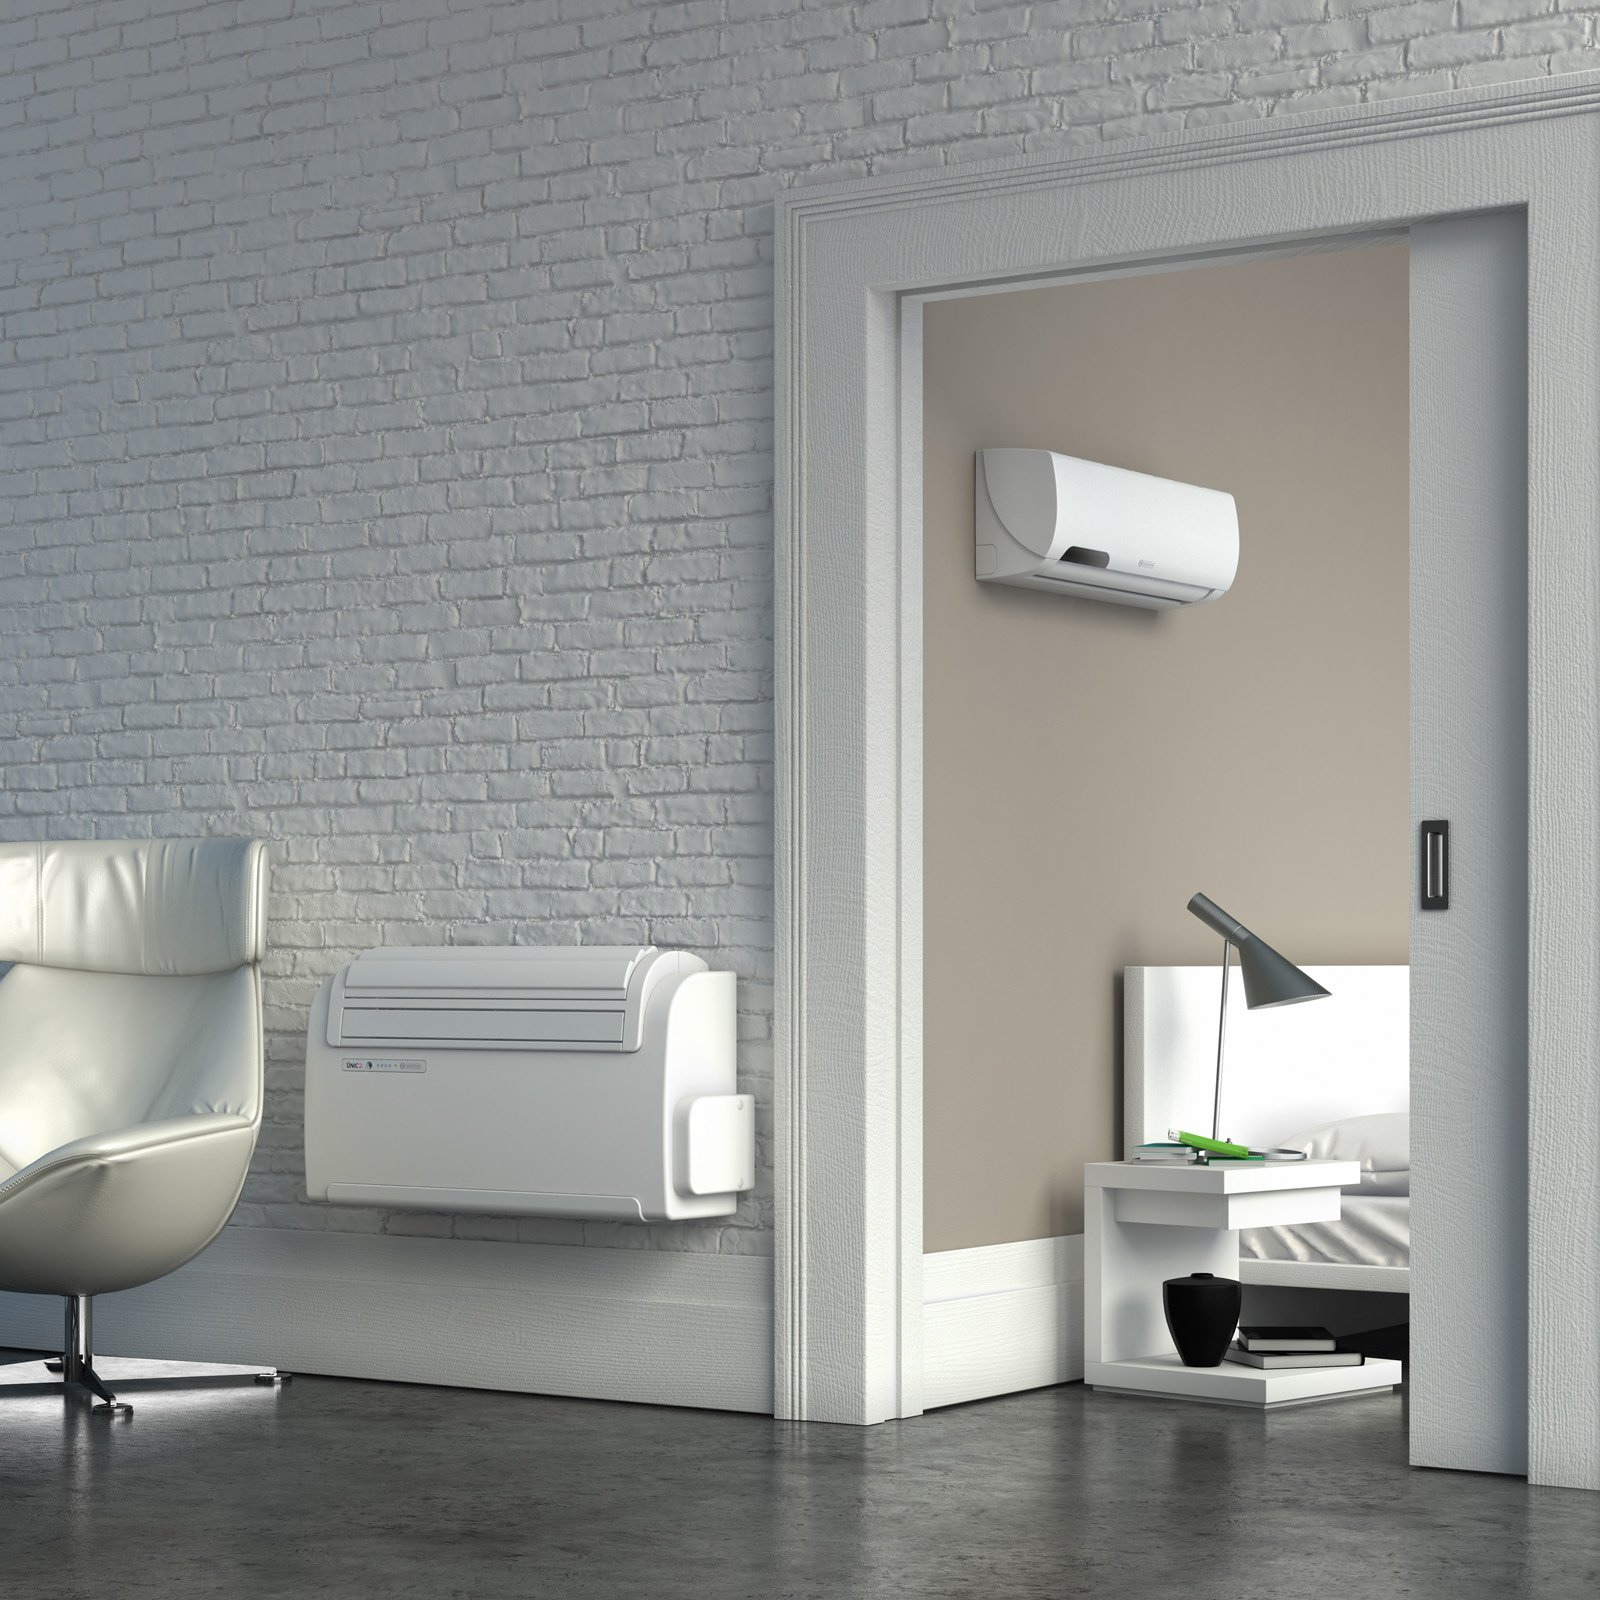 Climatizzatori vivere al meglio l 39 estate cose di casa for Unico olimpia splendid prezzo